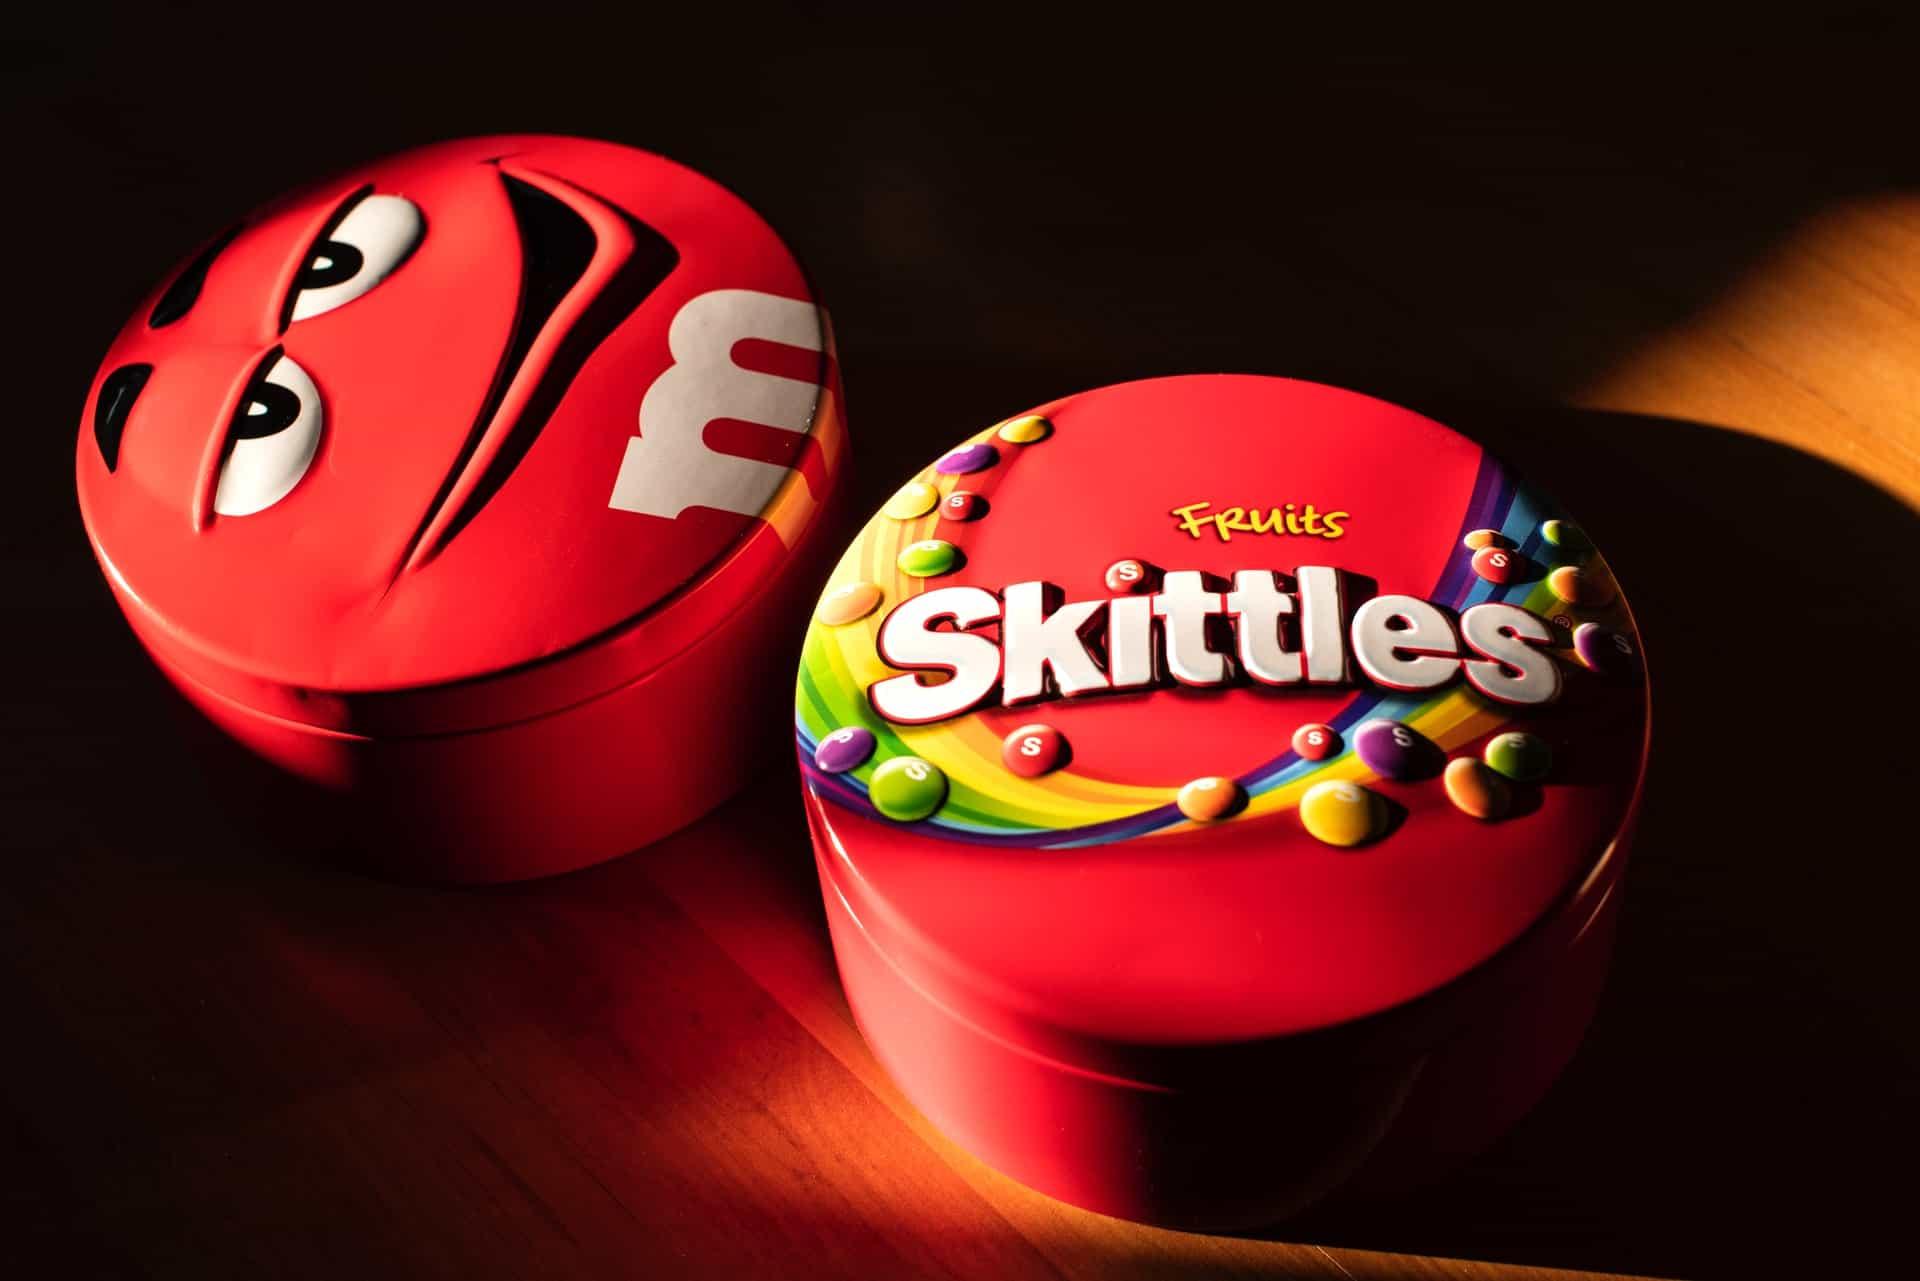 skittles, m&m's